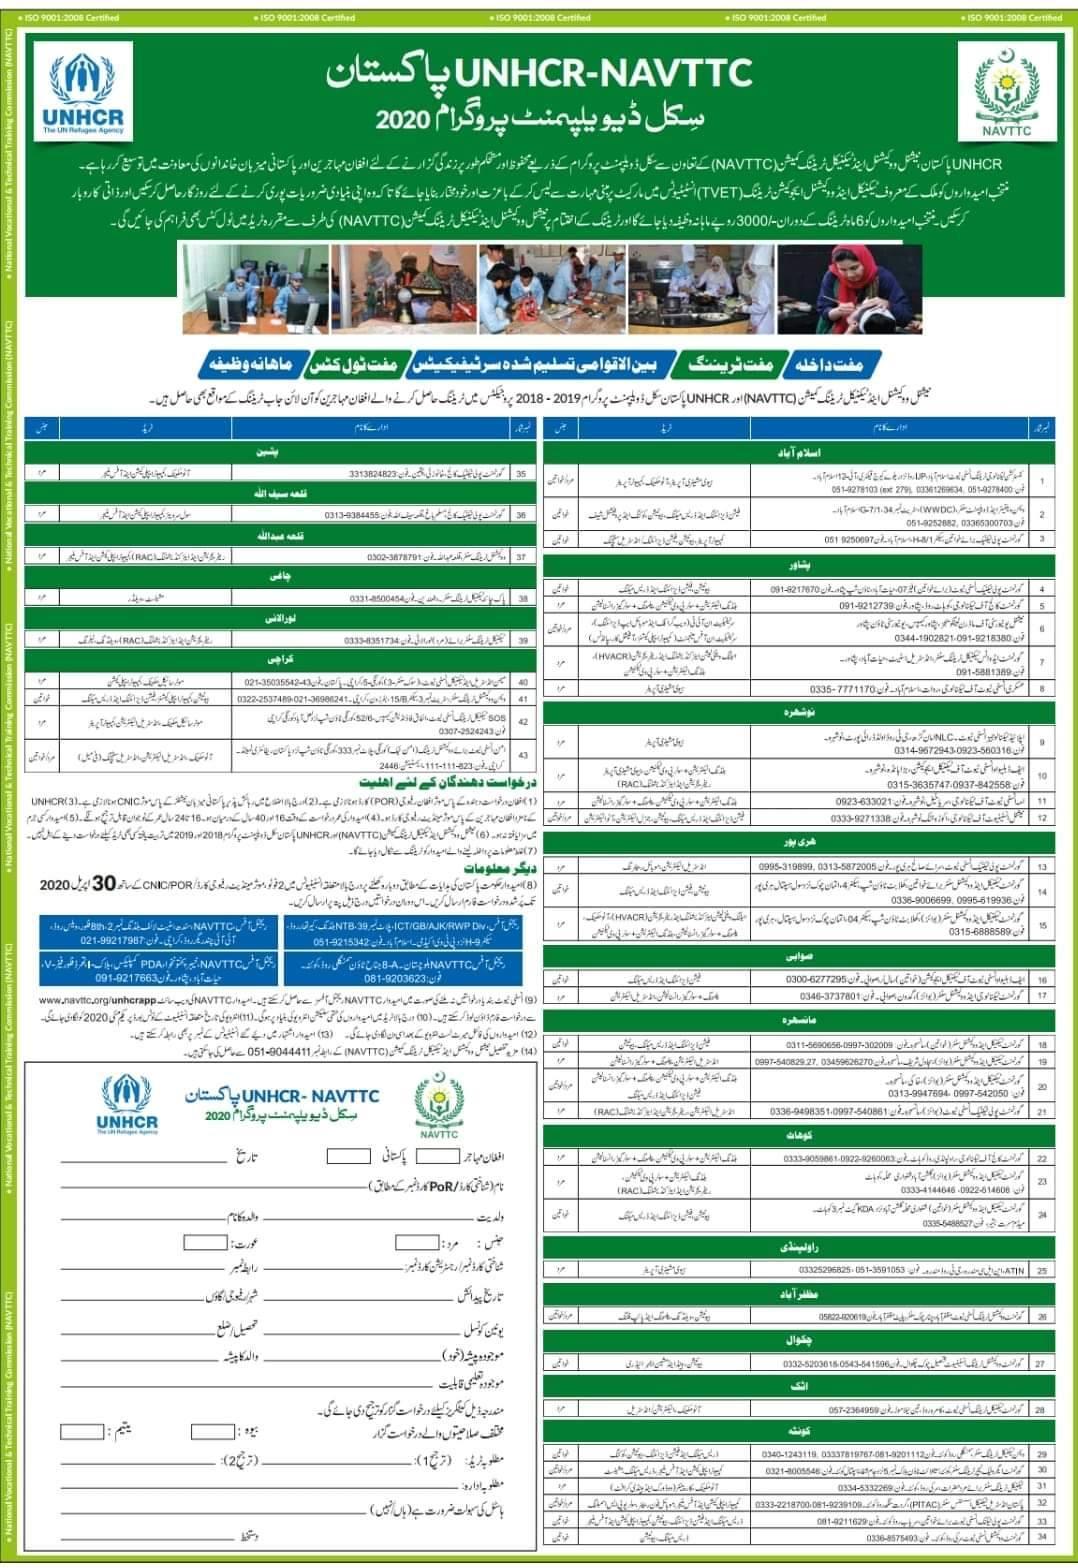 Navttc skills development program 2020